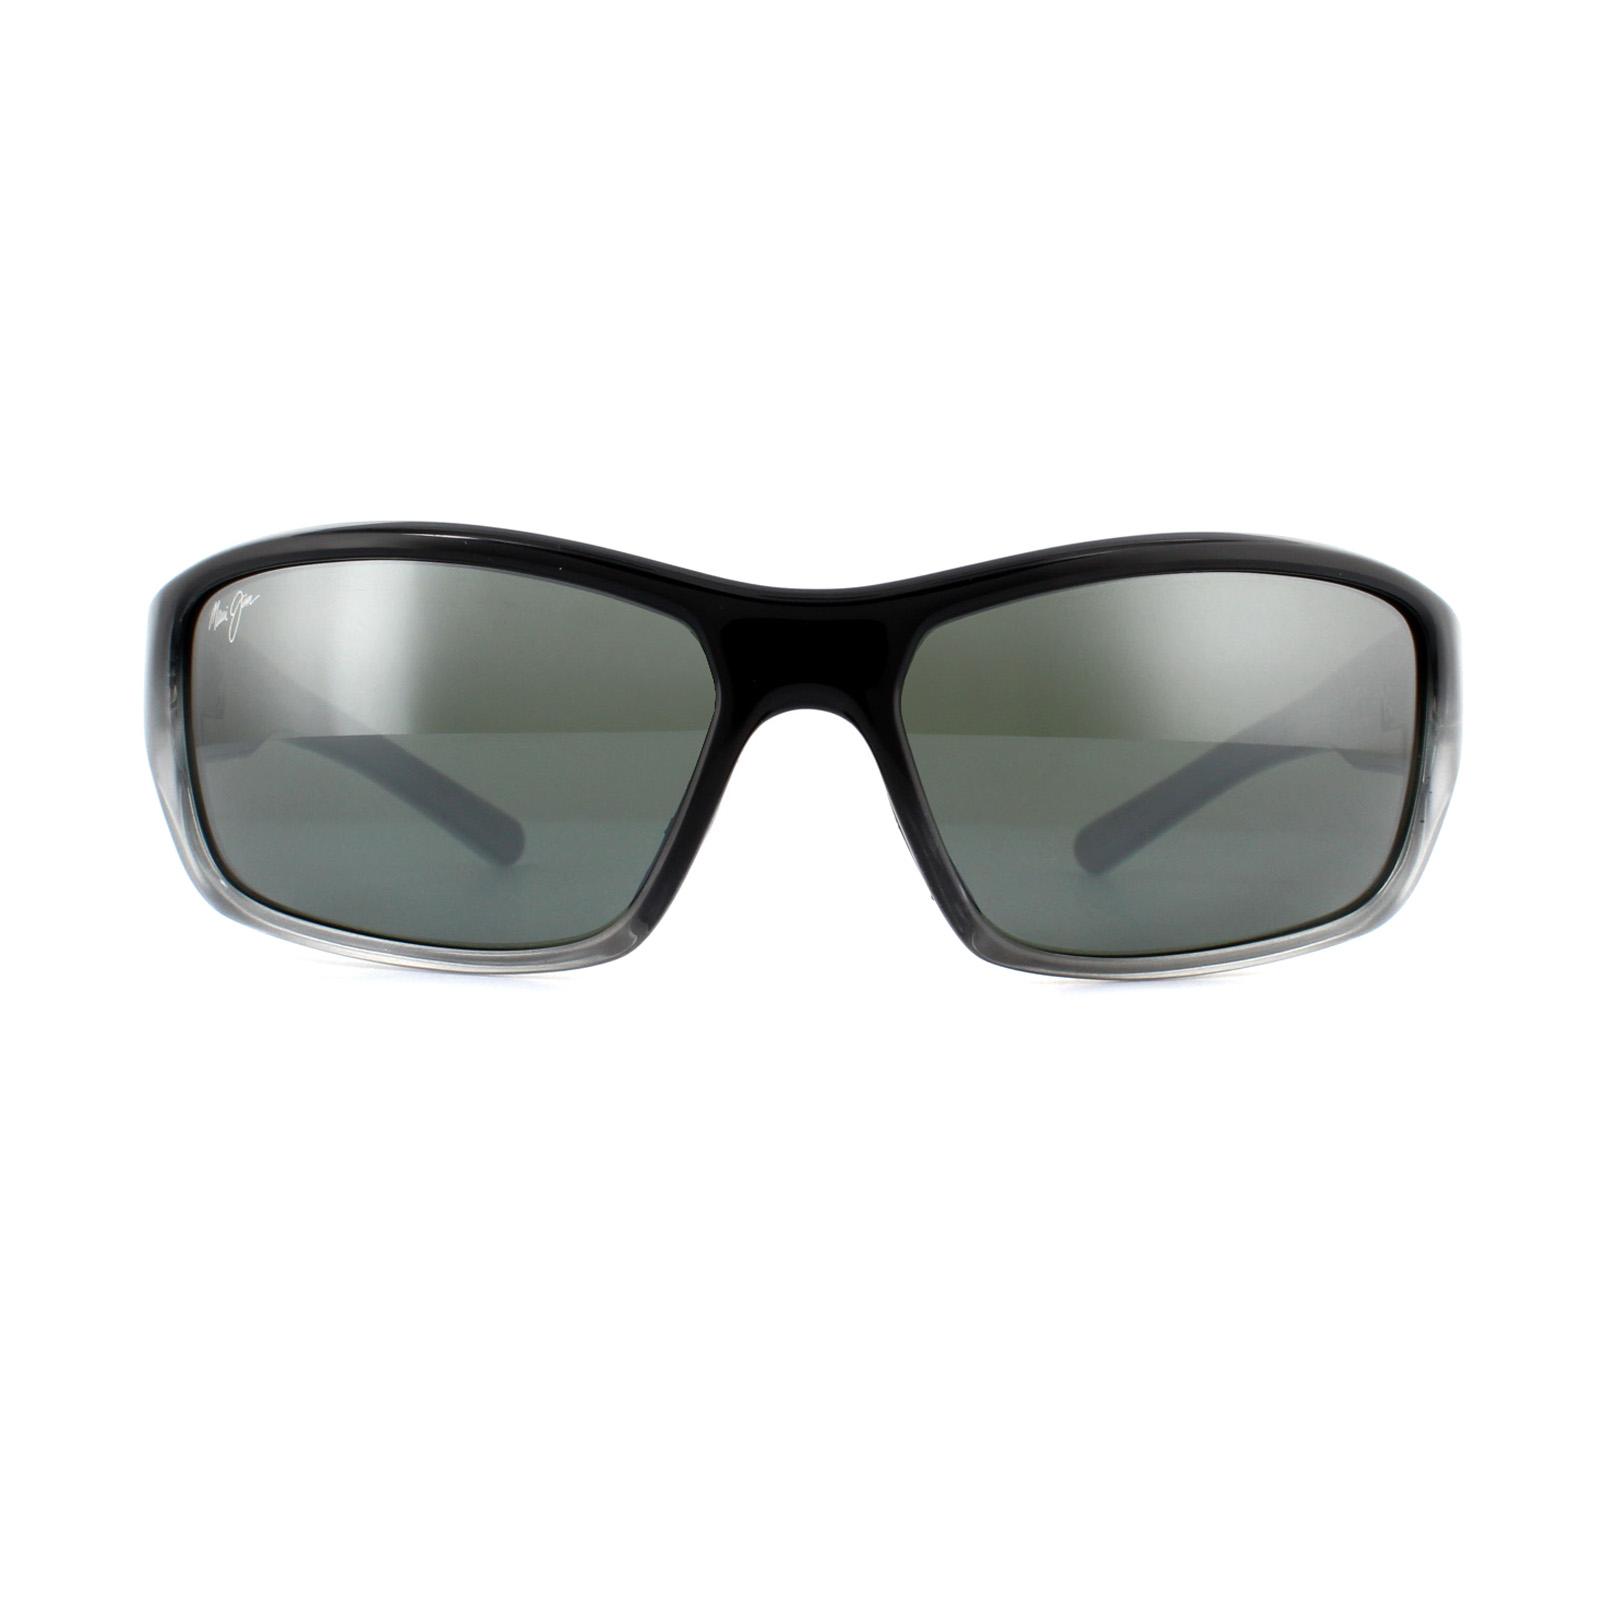 04553a5444 CENTINELA Arrecife de barrera de gafas de sol Maui Jim C 792-14 Gris  Neutral plata